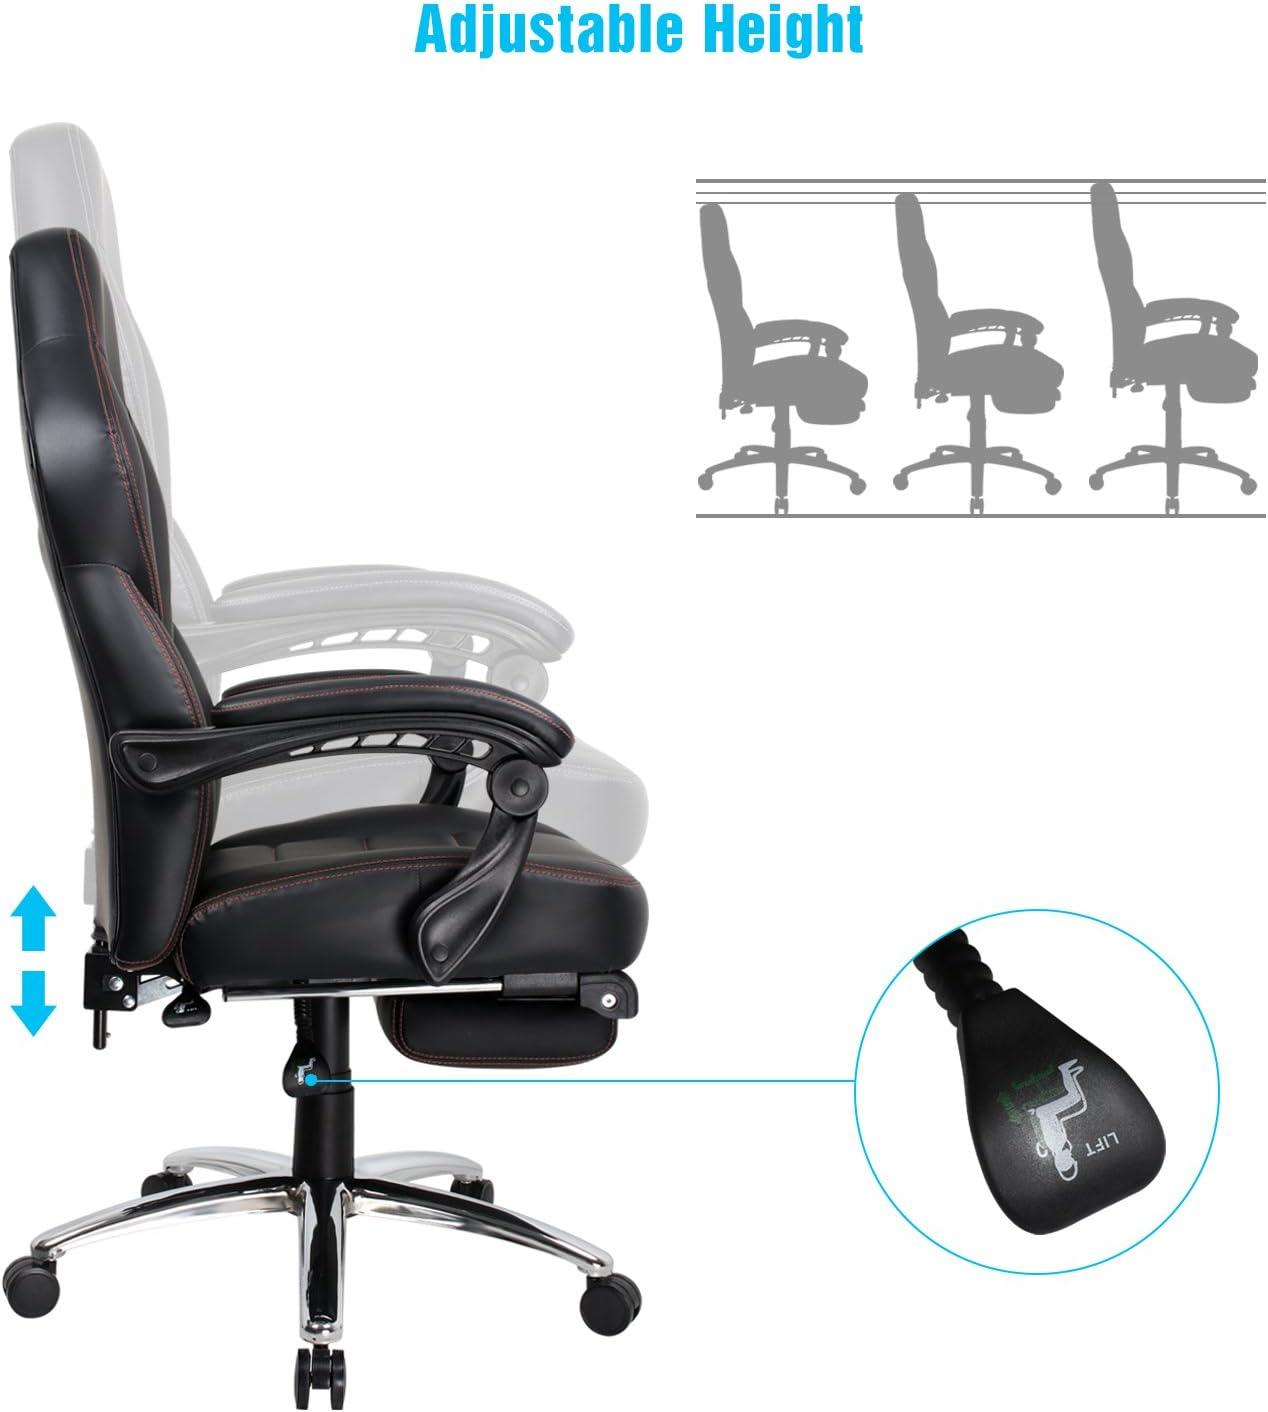 Sedia ergonomica con Il Cuscino Lombare e poggiapiedi Sedia da Gioco di Pu Sedia con Alto Schienale Blu Sedia di Computer IntimaTe WM Heart Sedia Gaming